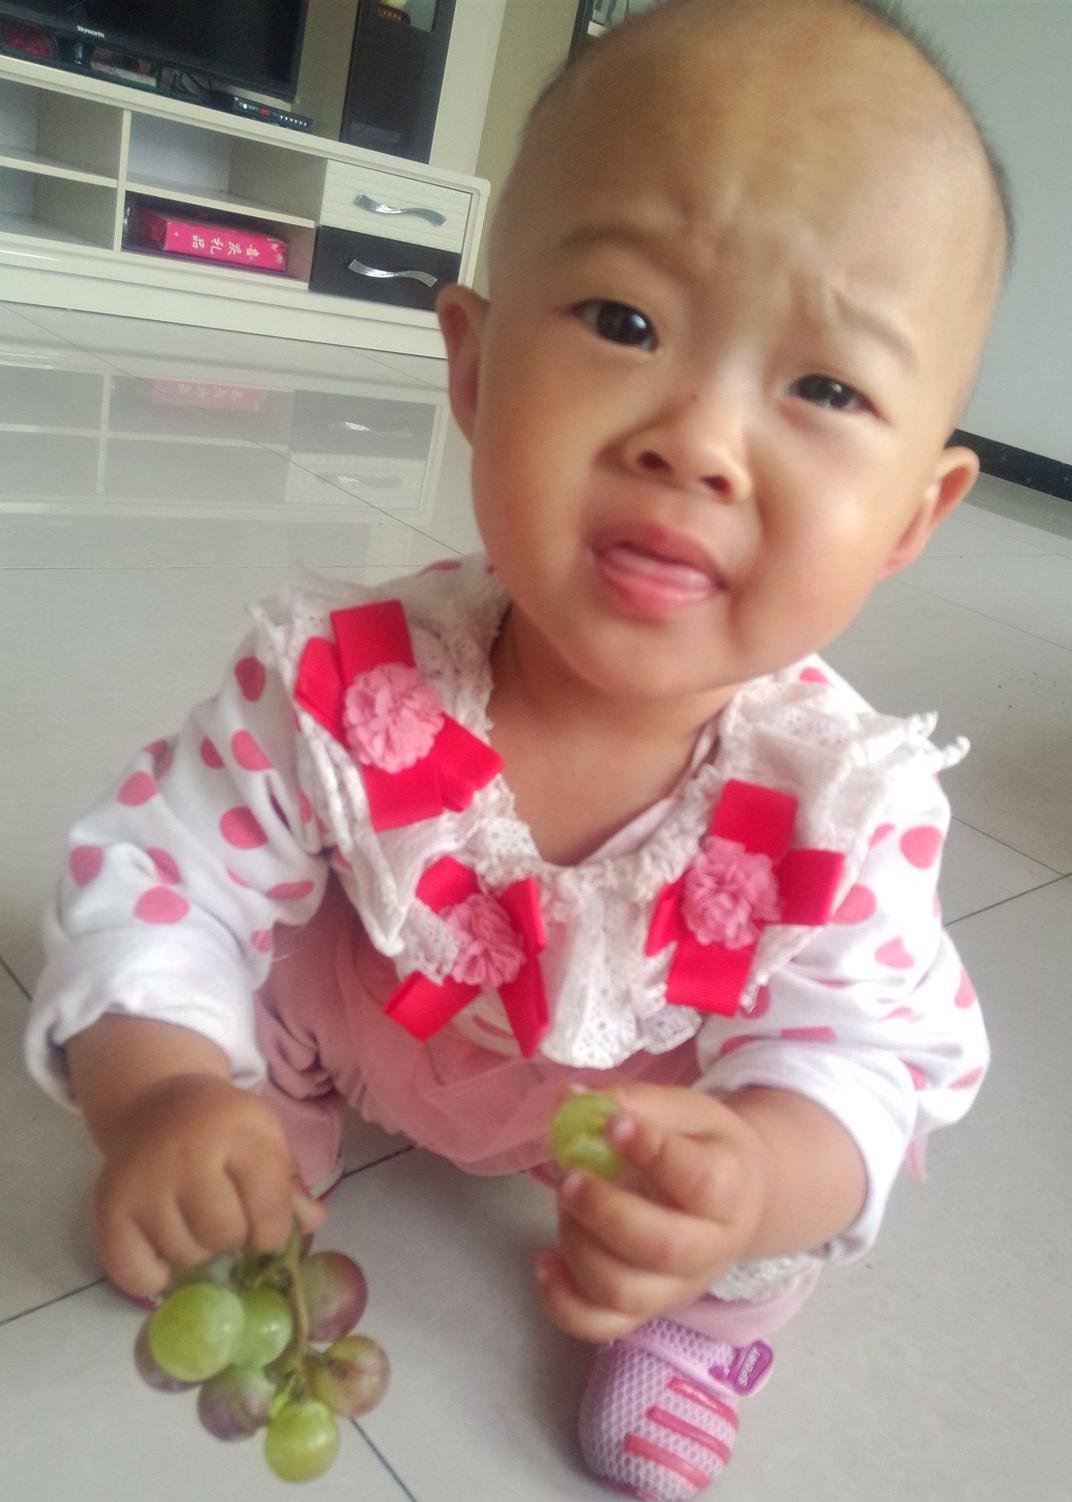 女 所在幼儿园:没上学 兴趣爱好:吃 家长寄语:分享宝宝的可爱*^o^*